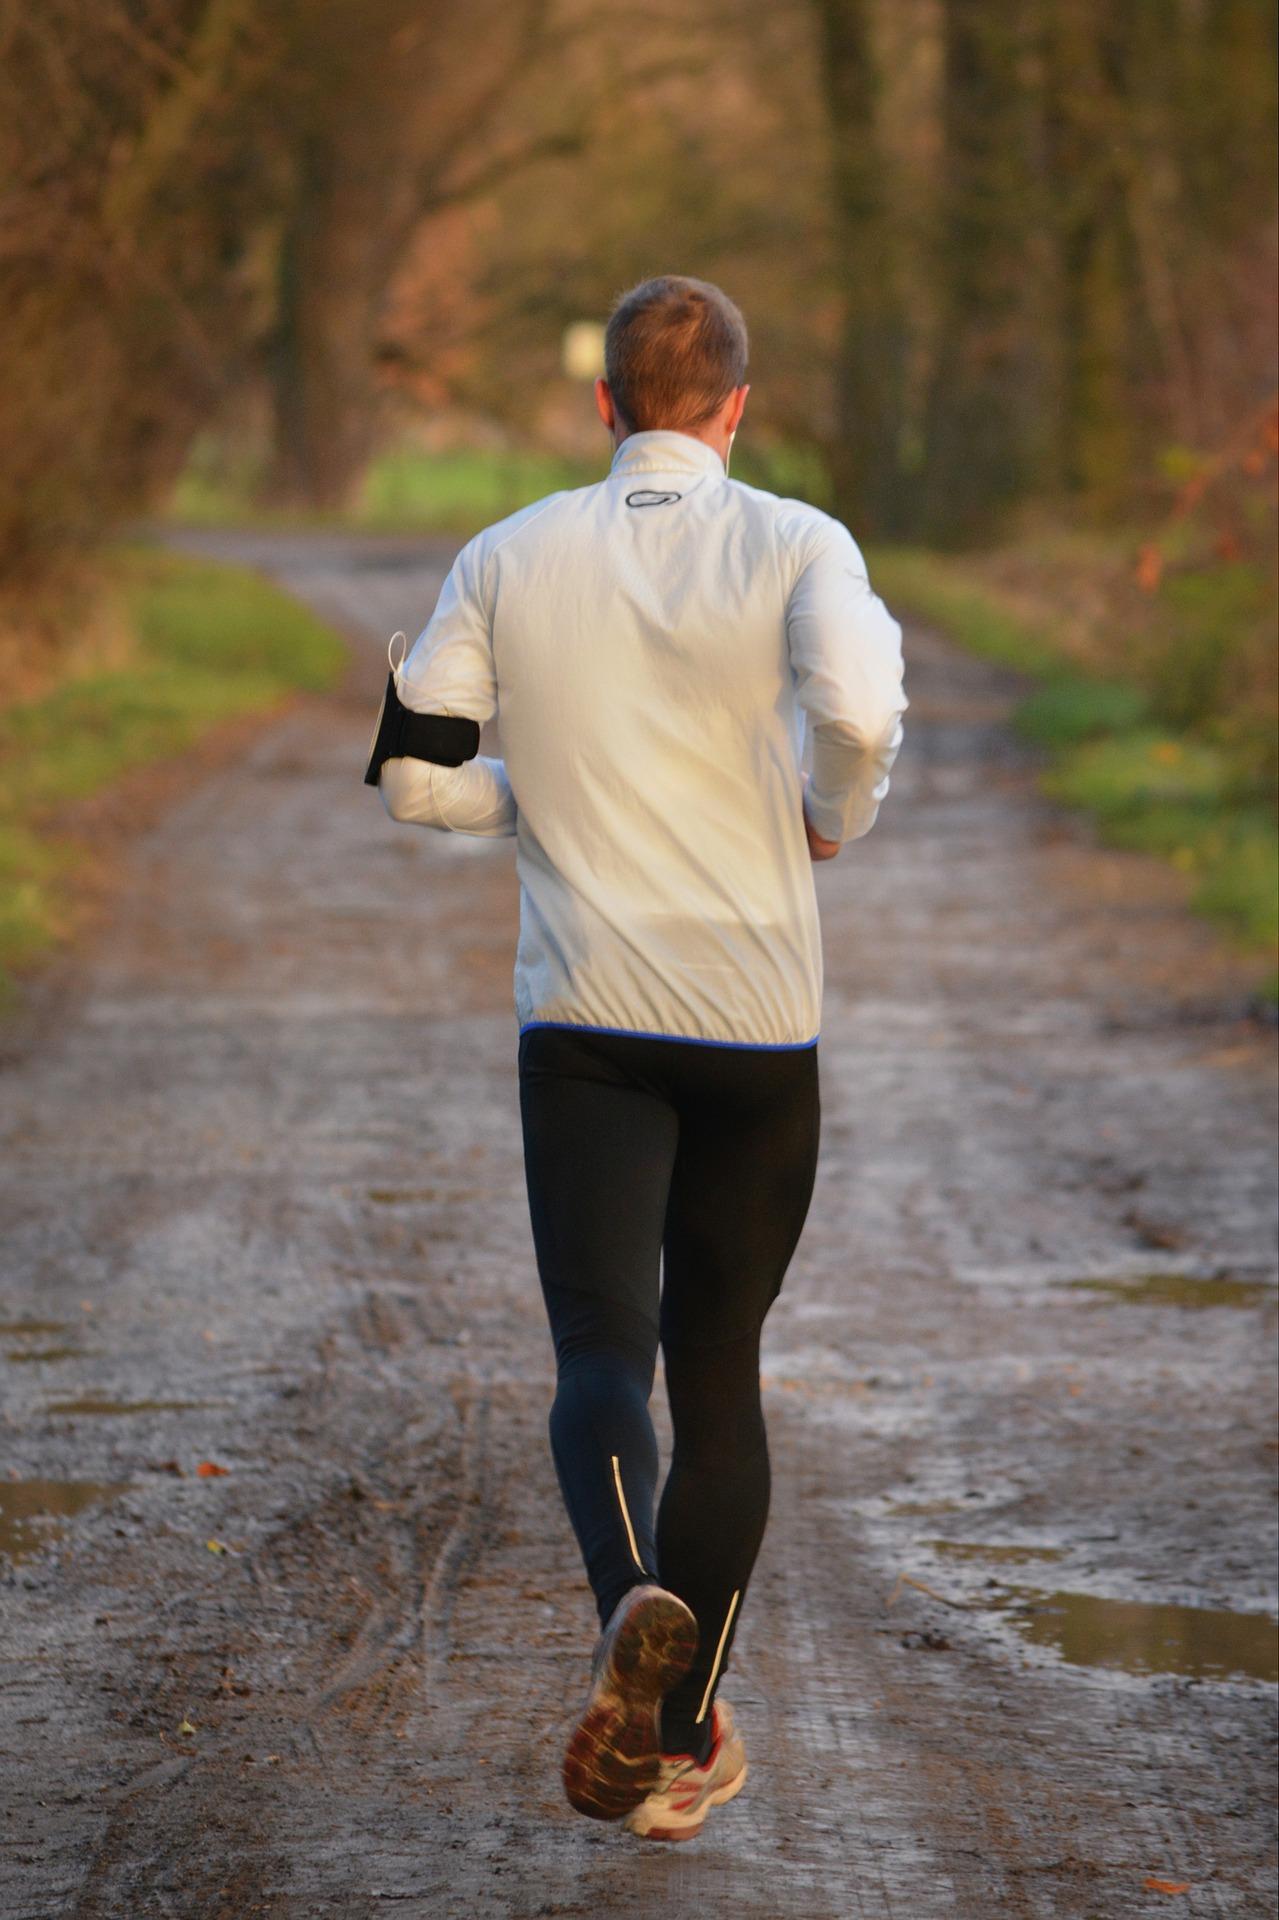 Un coureur amateur en pleine Nature avec sa ceinture cardio et son application sur smartphone